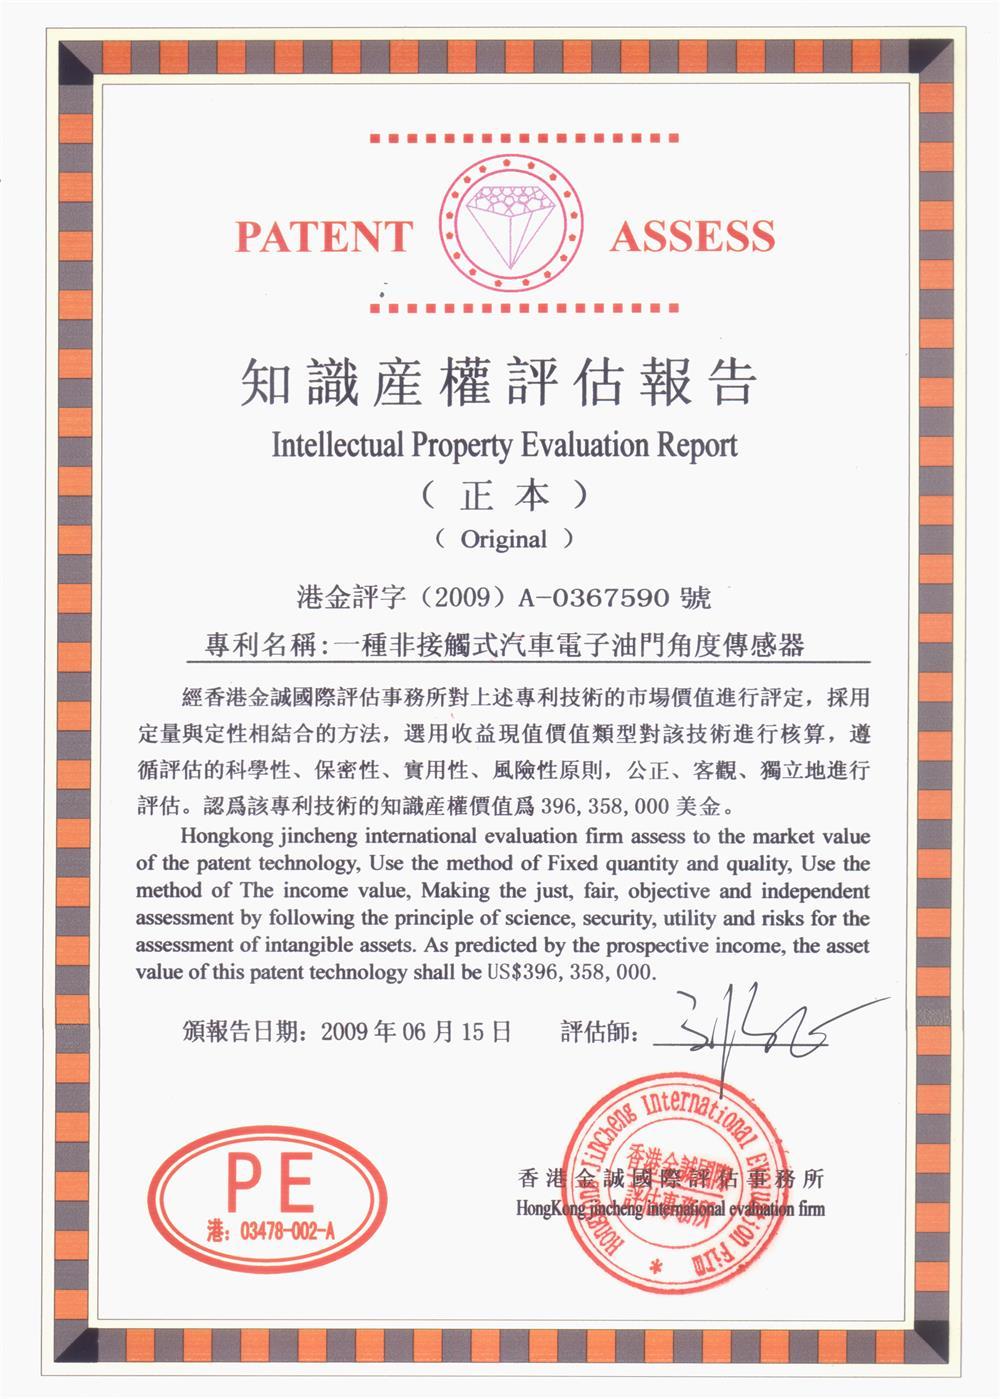 一种非接触式汽车电子油门角度创安琪知识产权评估报告